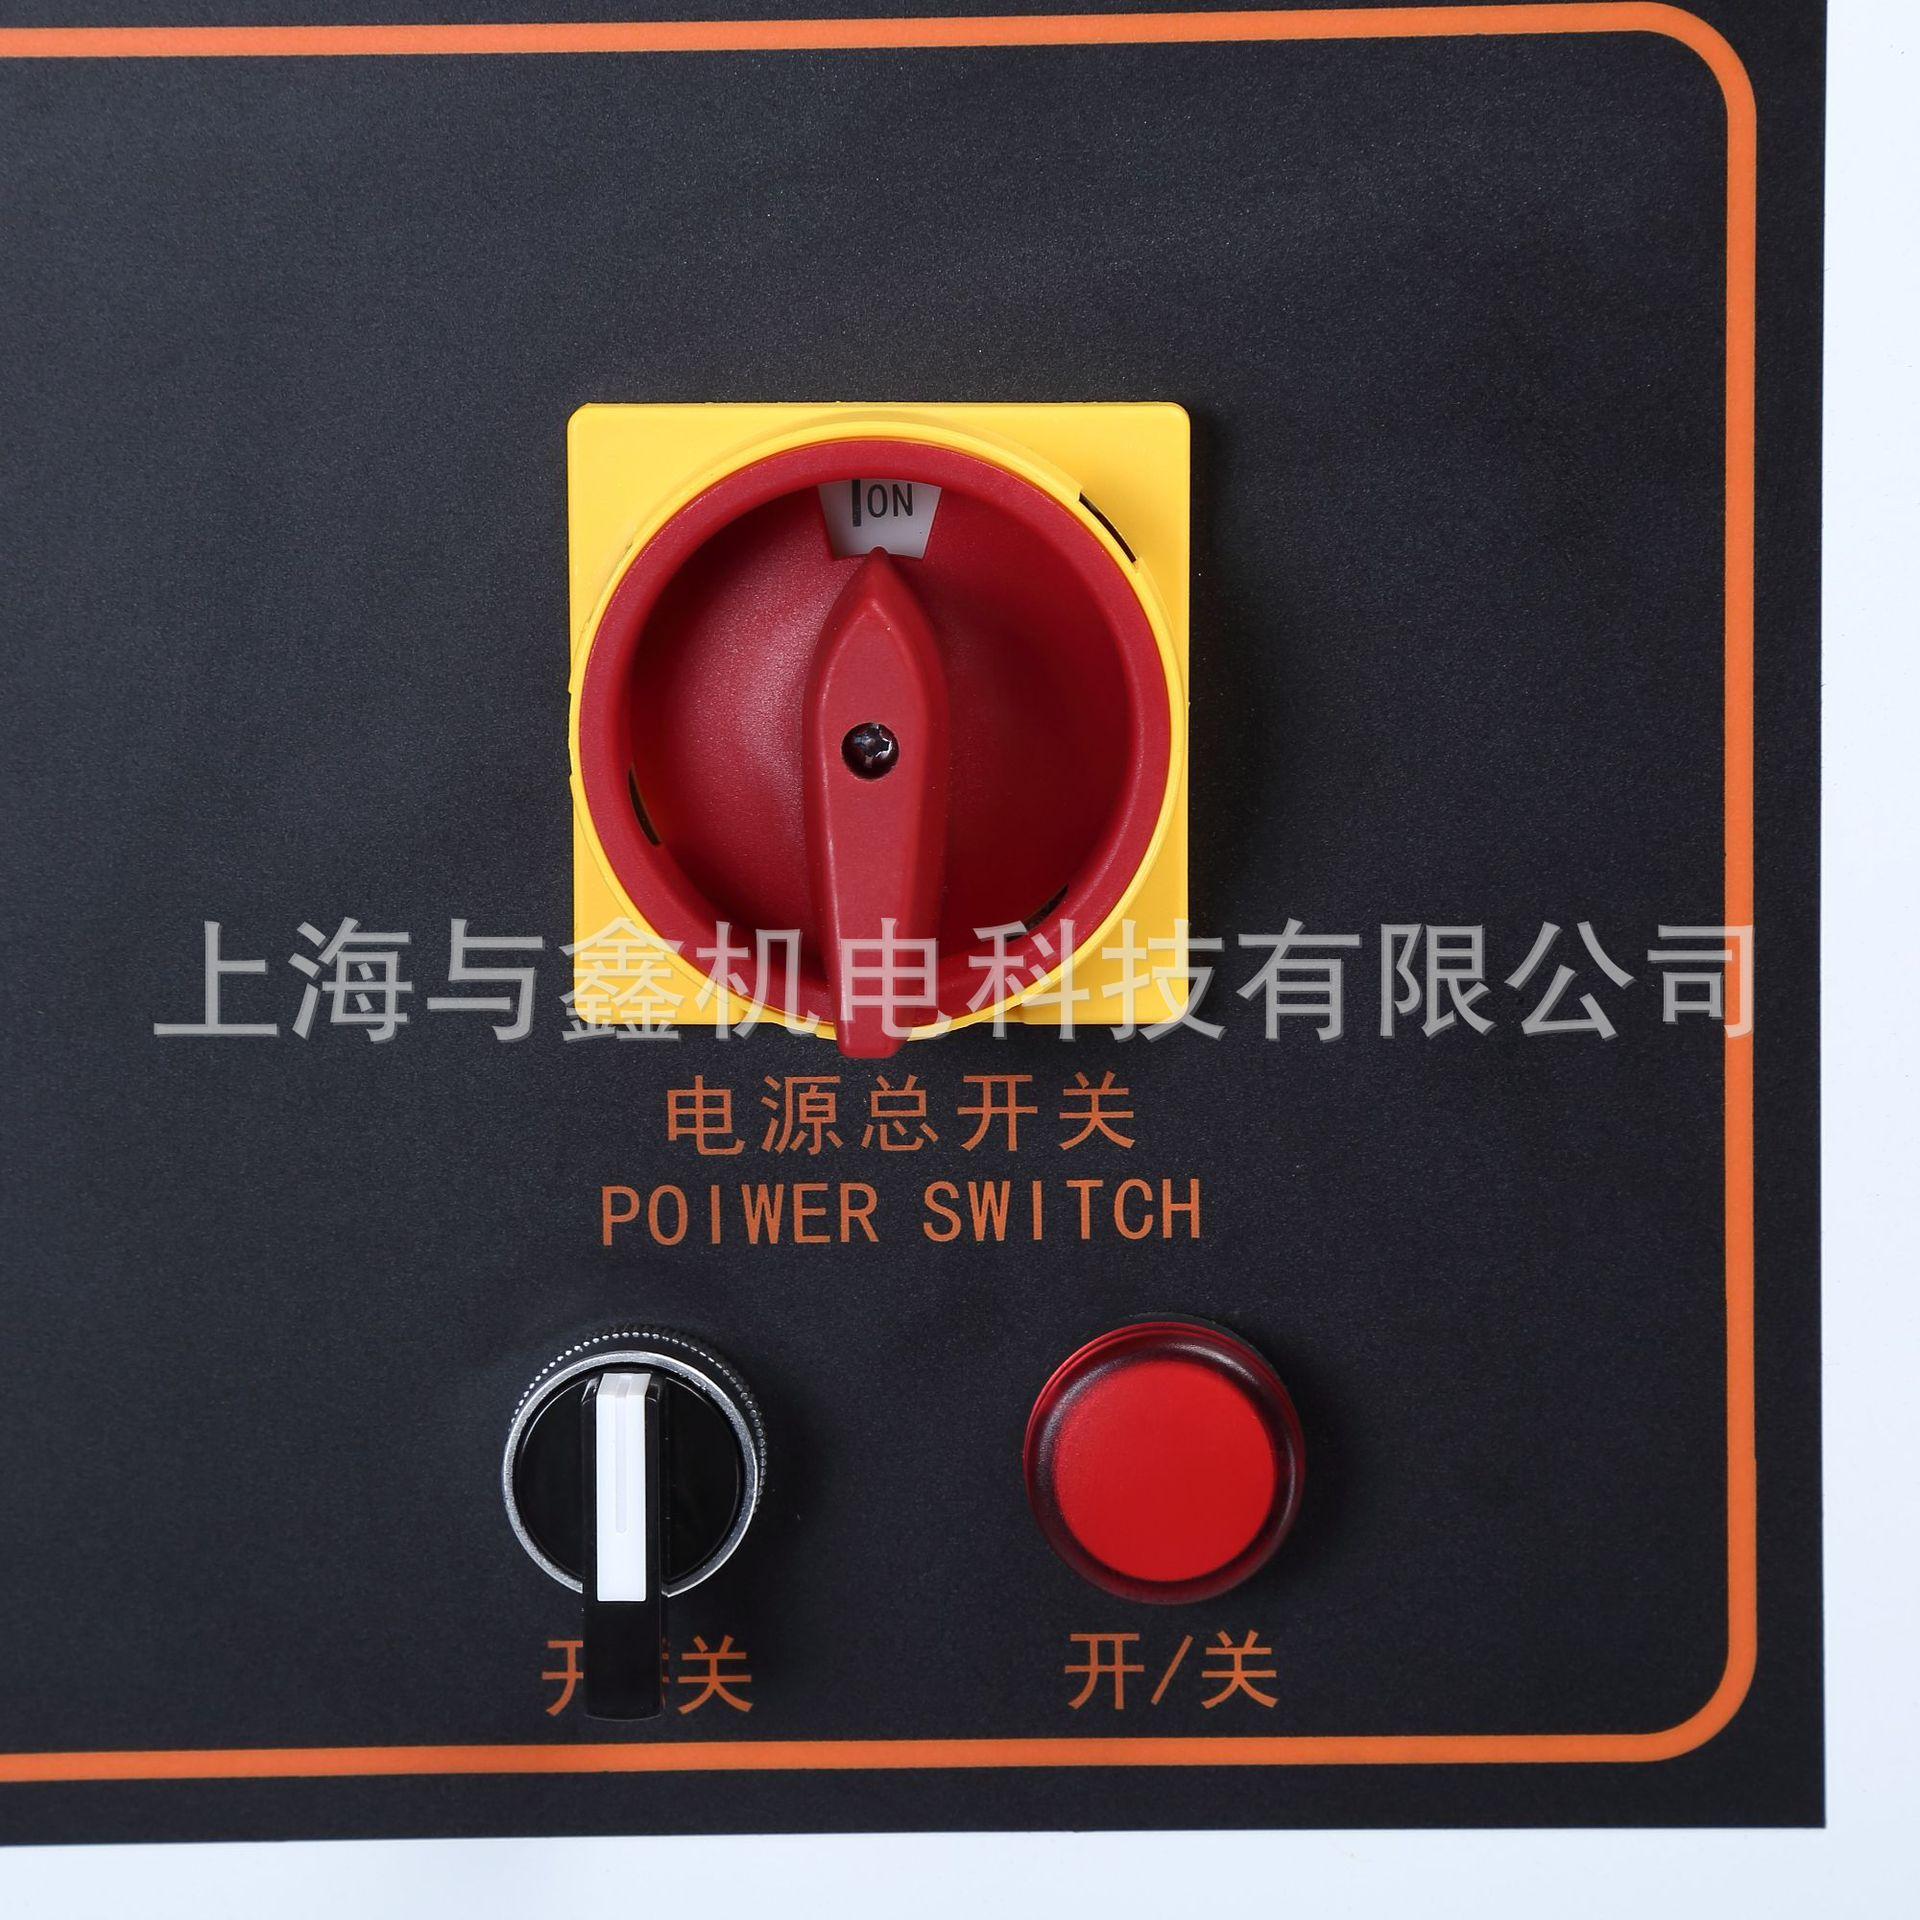 厂家磨床 磨床吸尘器 粉尘颗粒收集磨床工业吸尘器  大功率吸尘器示例图8